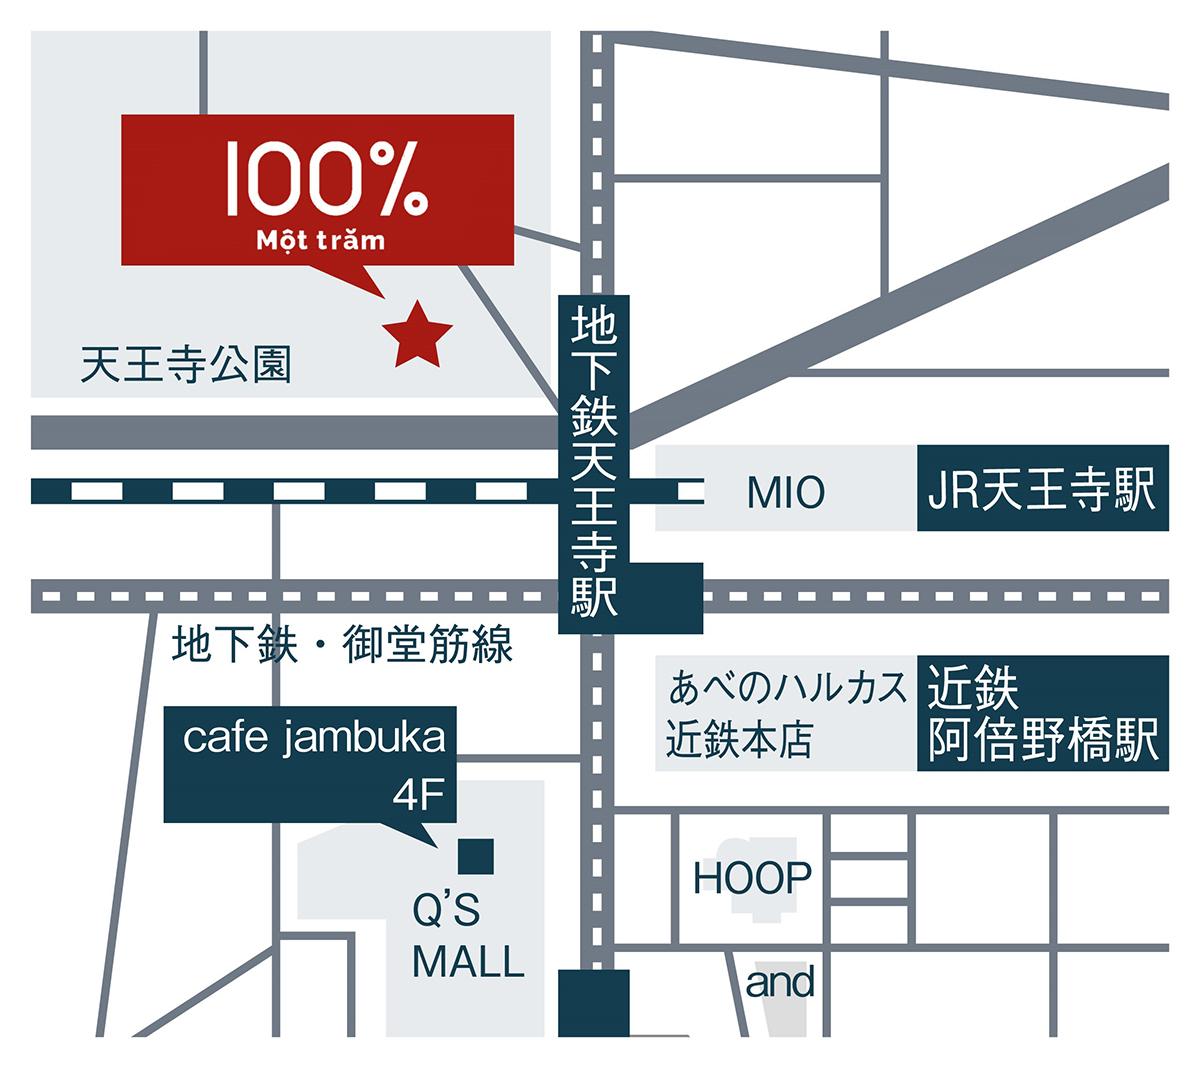 タピオカ専門店 モッチャム 天王寺公園店